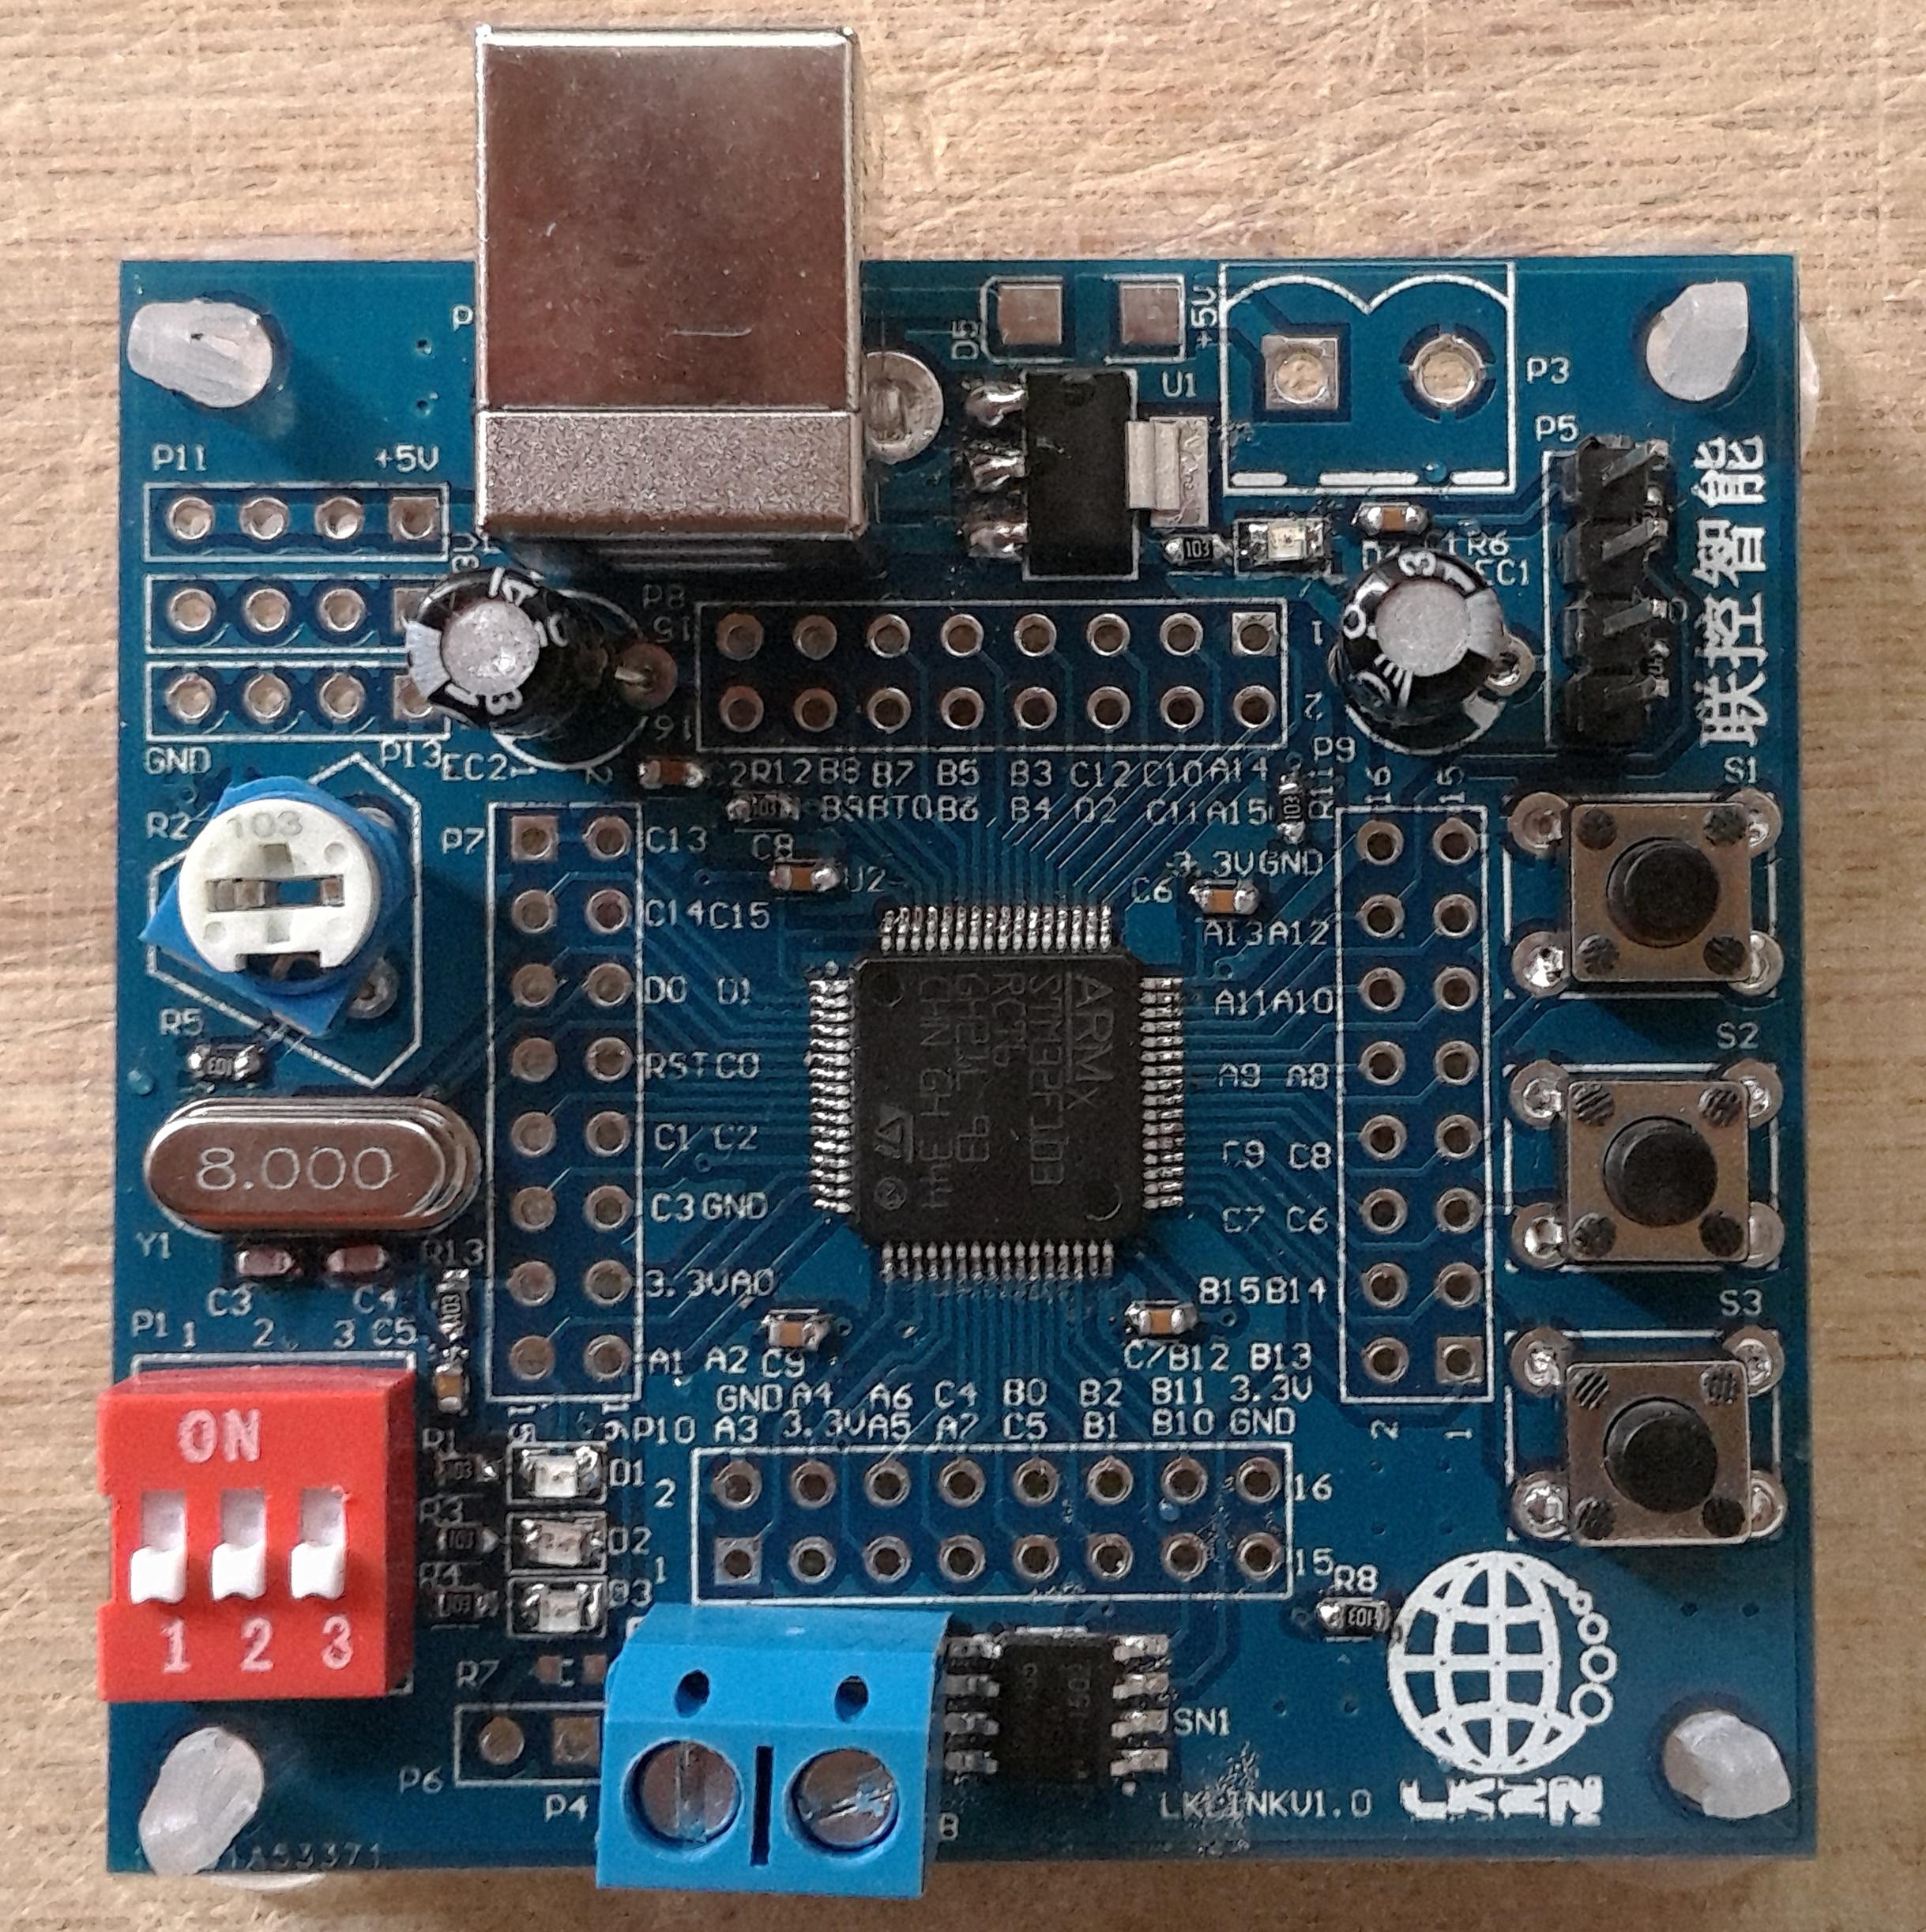 MODBUS RTU STM32 development board to learn board to graduate design MCU development PLC source code fast free ship stm32 sim800a eeprom gprs module rtu dtu mcu development board remote transmission mcu stm32f103rbt6